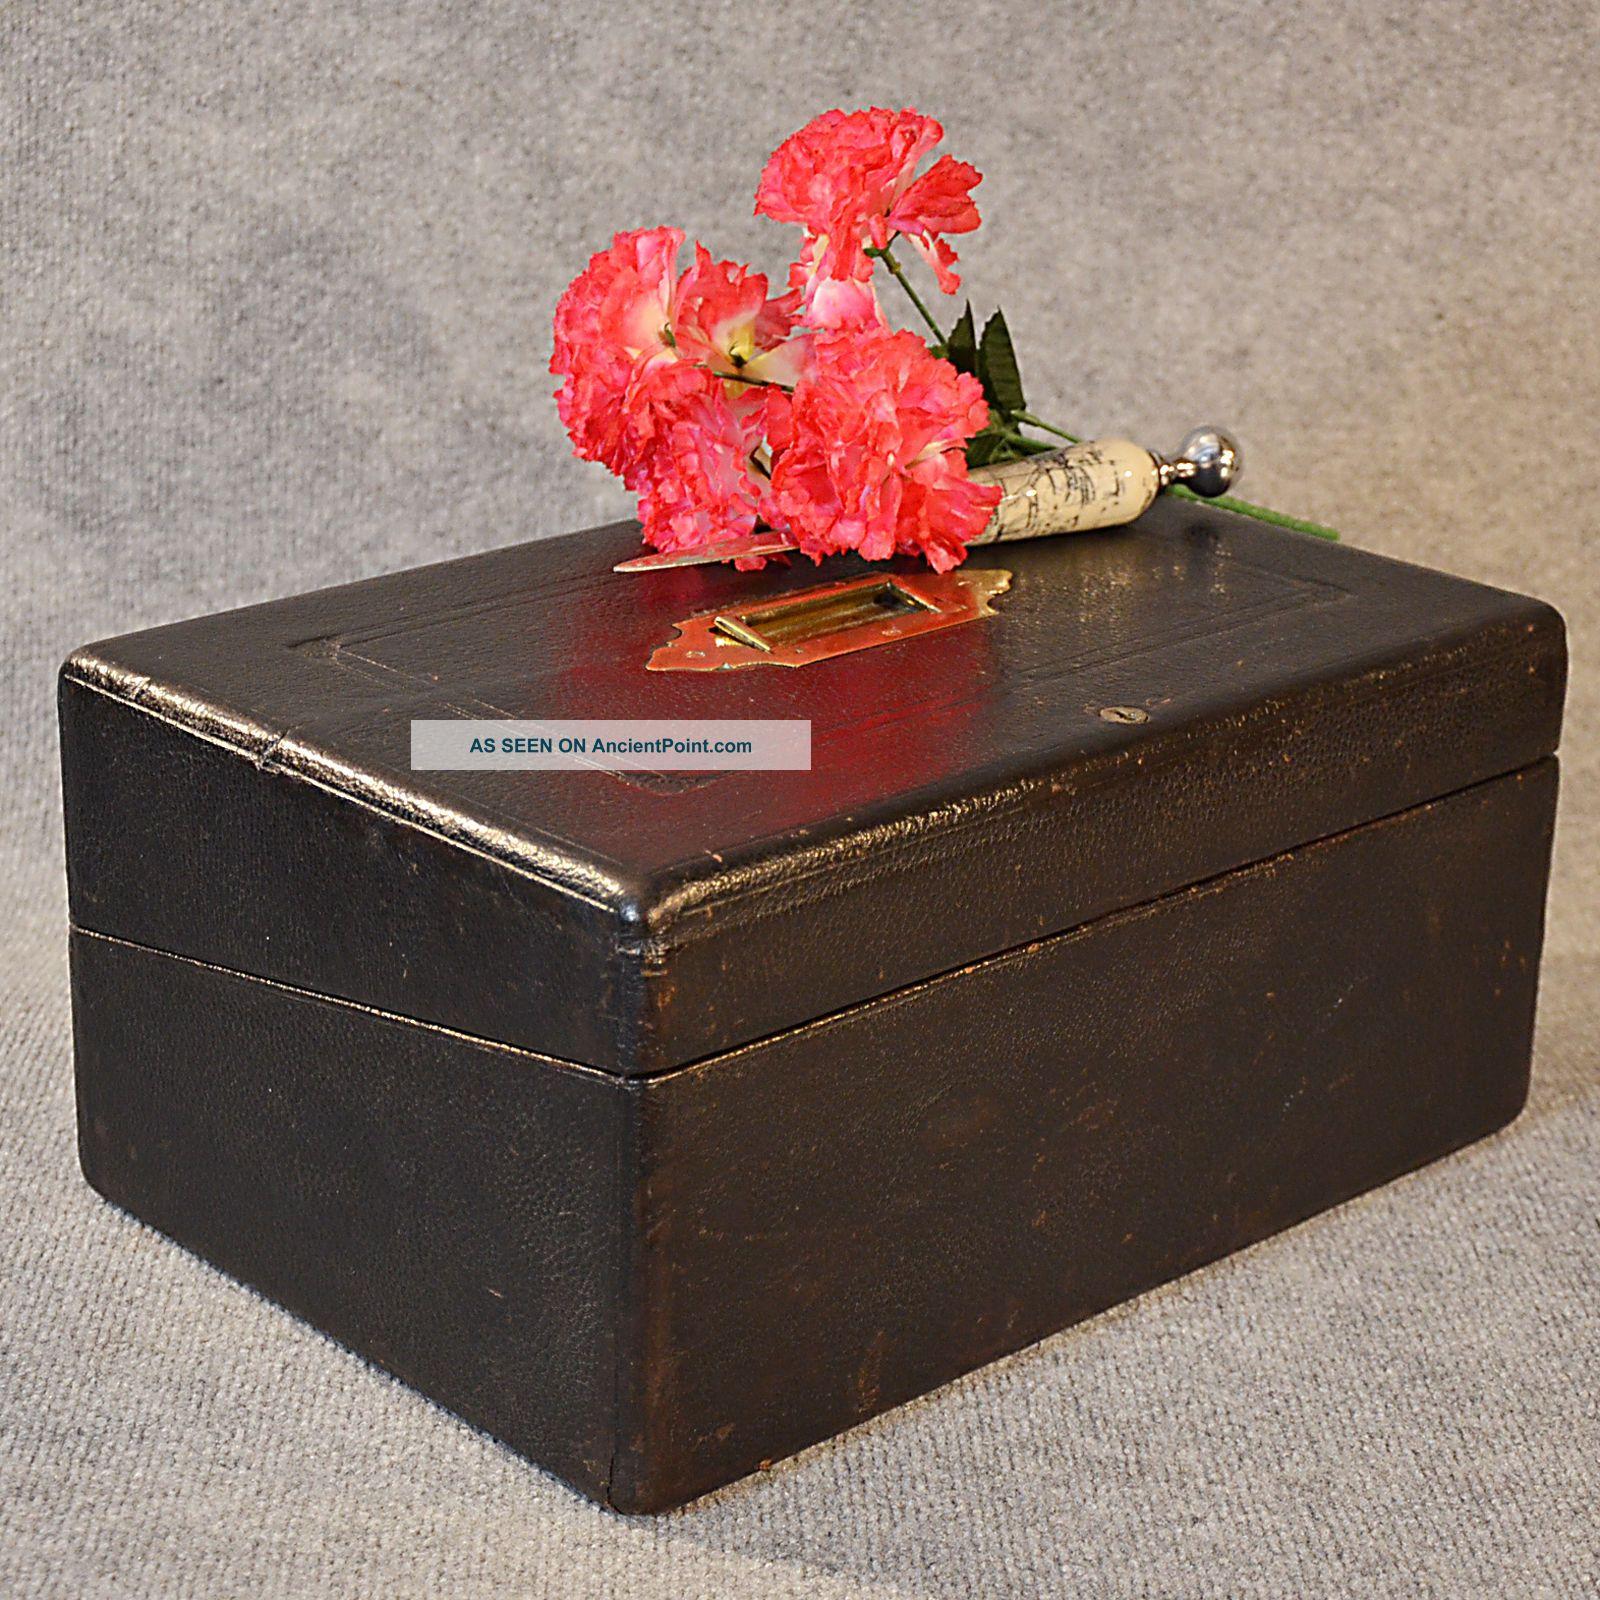 Antique Writing Slope Quality Leather Bound Stationery Box London England C1880 1800-1899 photo